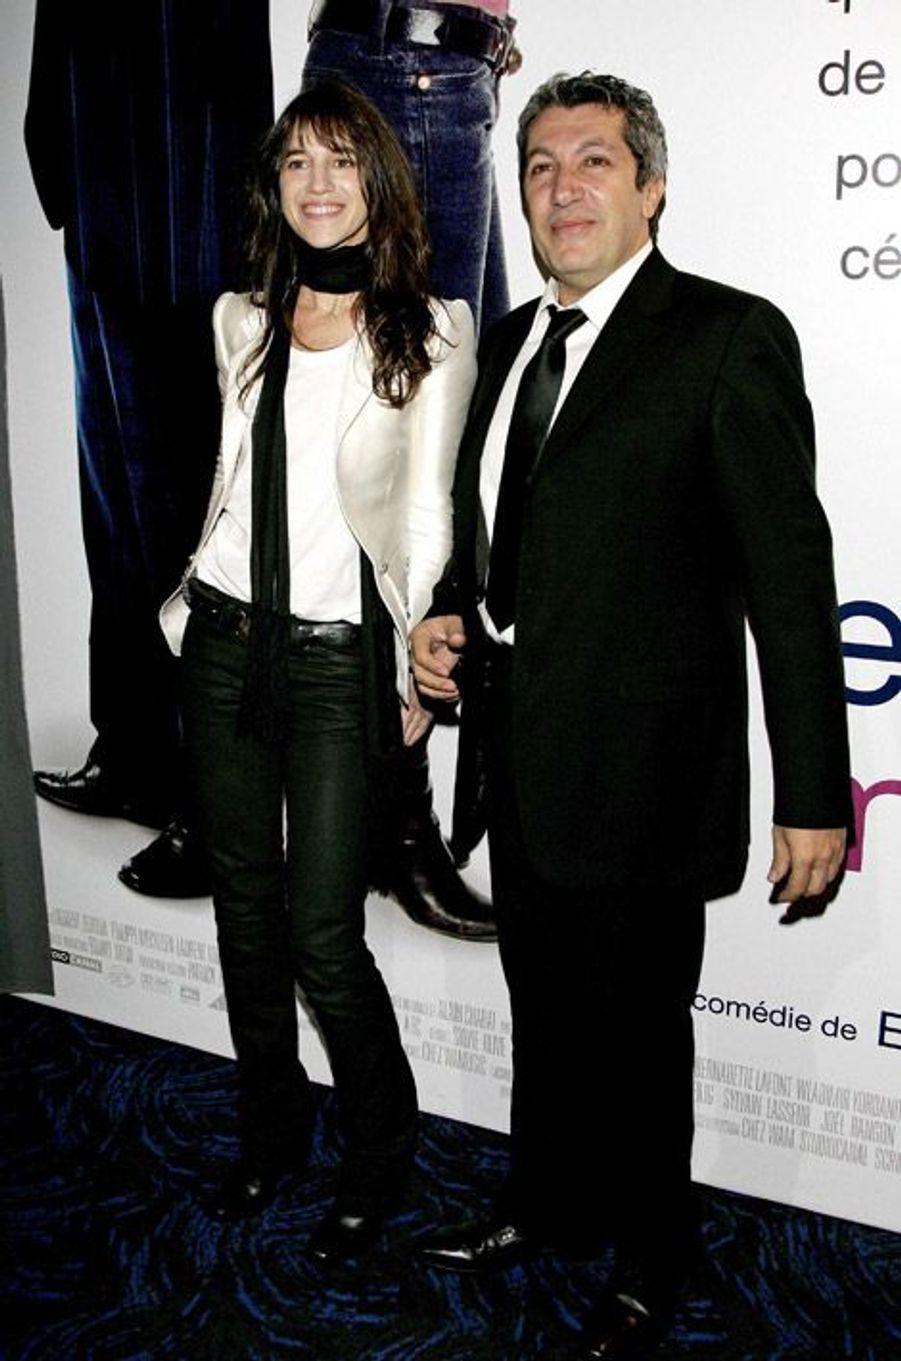 """En compagnie d'Alain Chabat pour la première de """"Prête-moi ta main"""" à Paris, le 24 octobre 2006"""